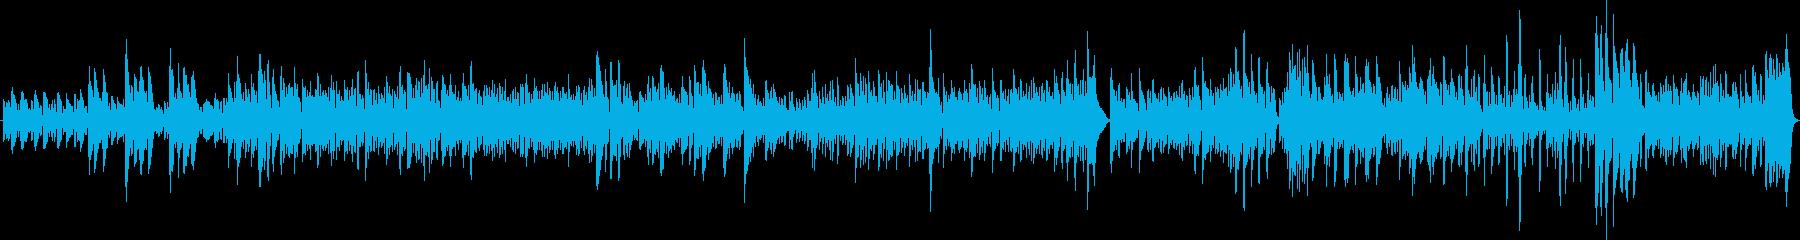 怒り(ソロピアノ・不穏・怖い・暗い)の再生済みの波形